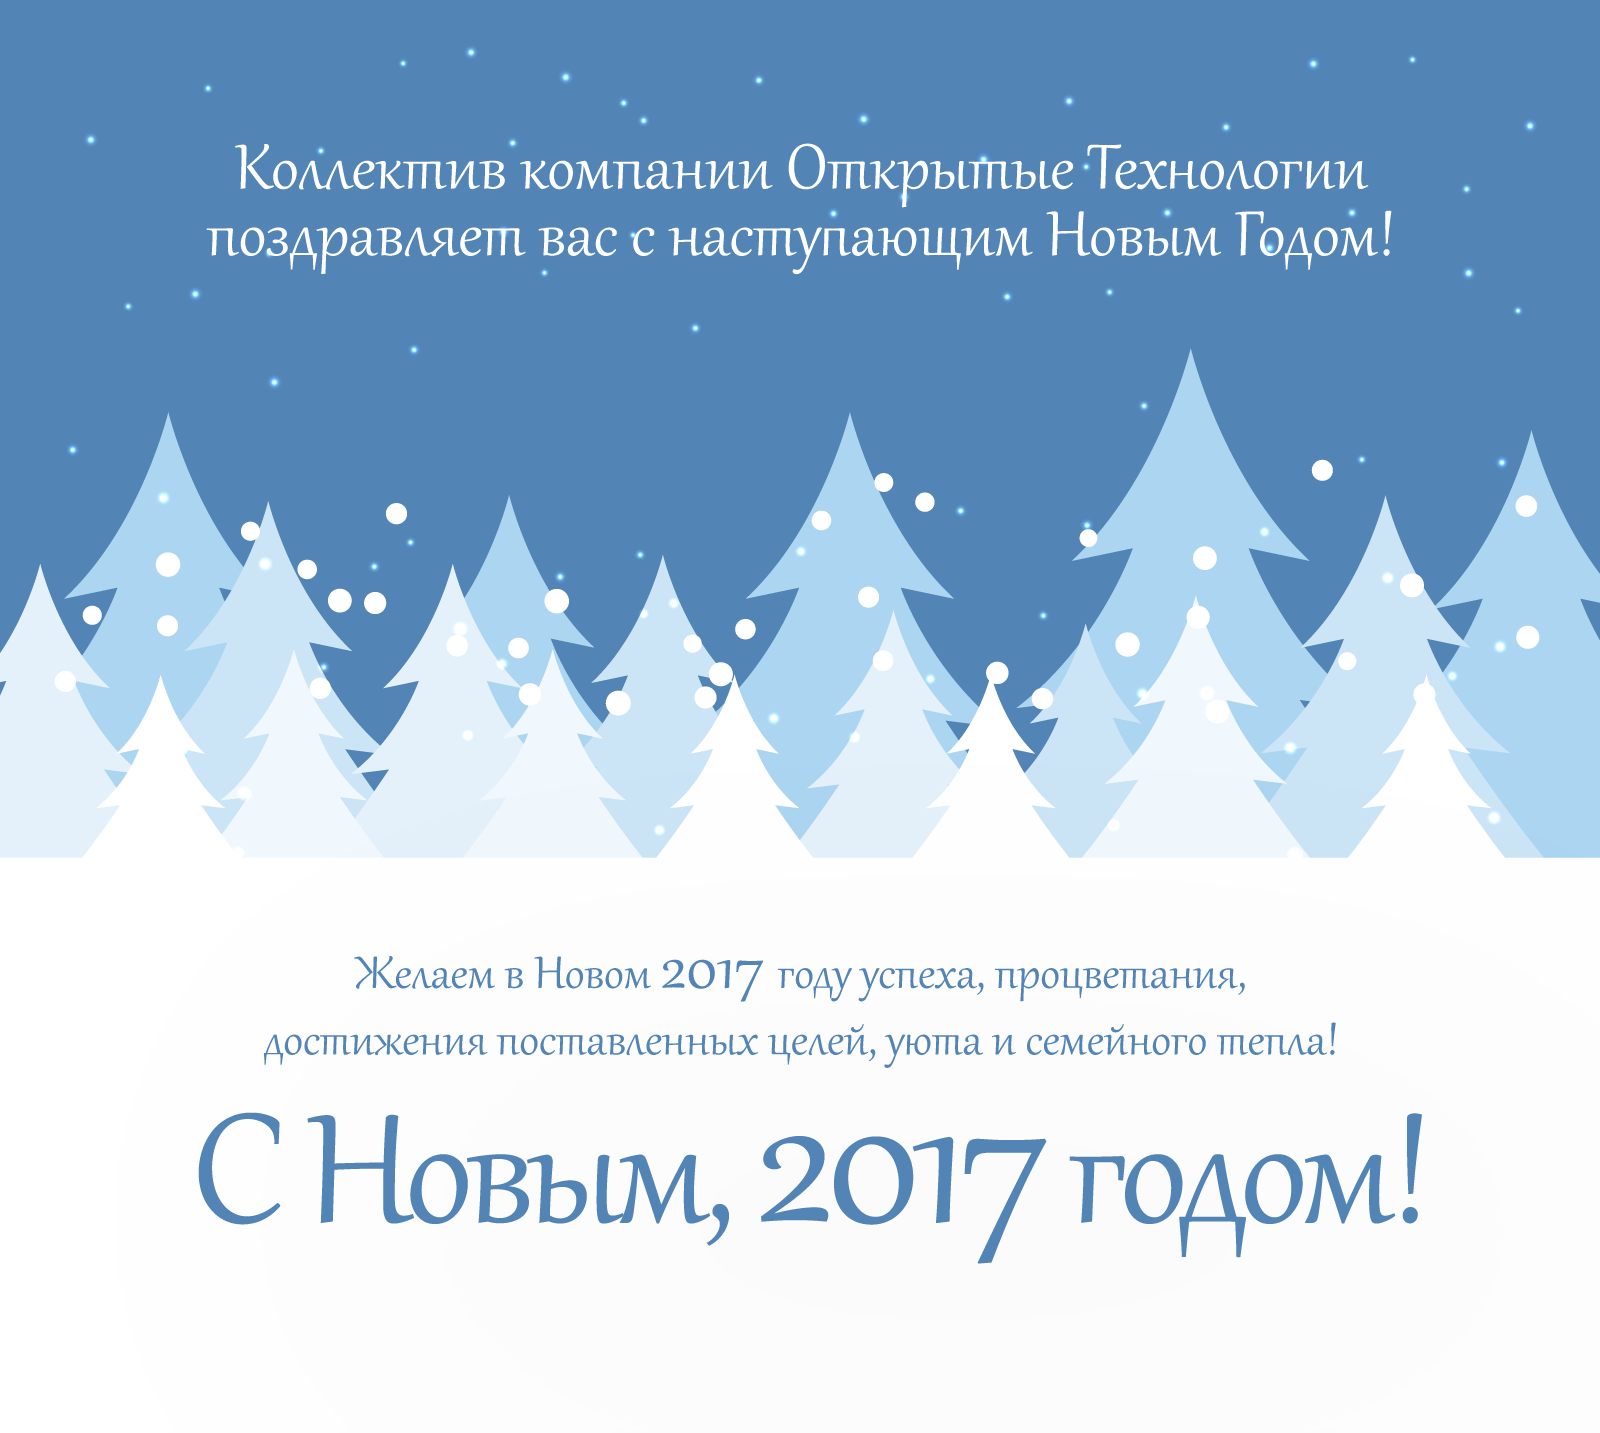 Новогодние поздравления с новым годом клиентам